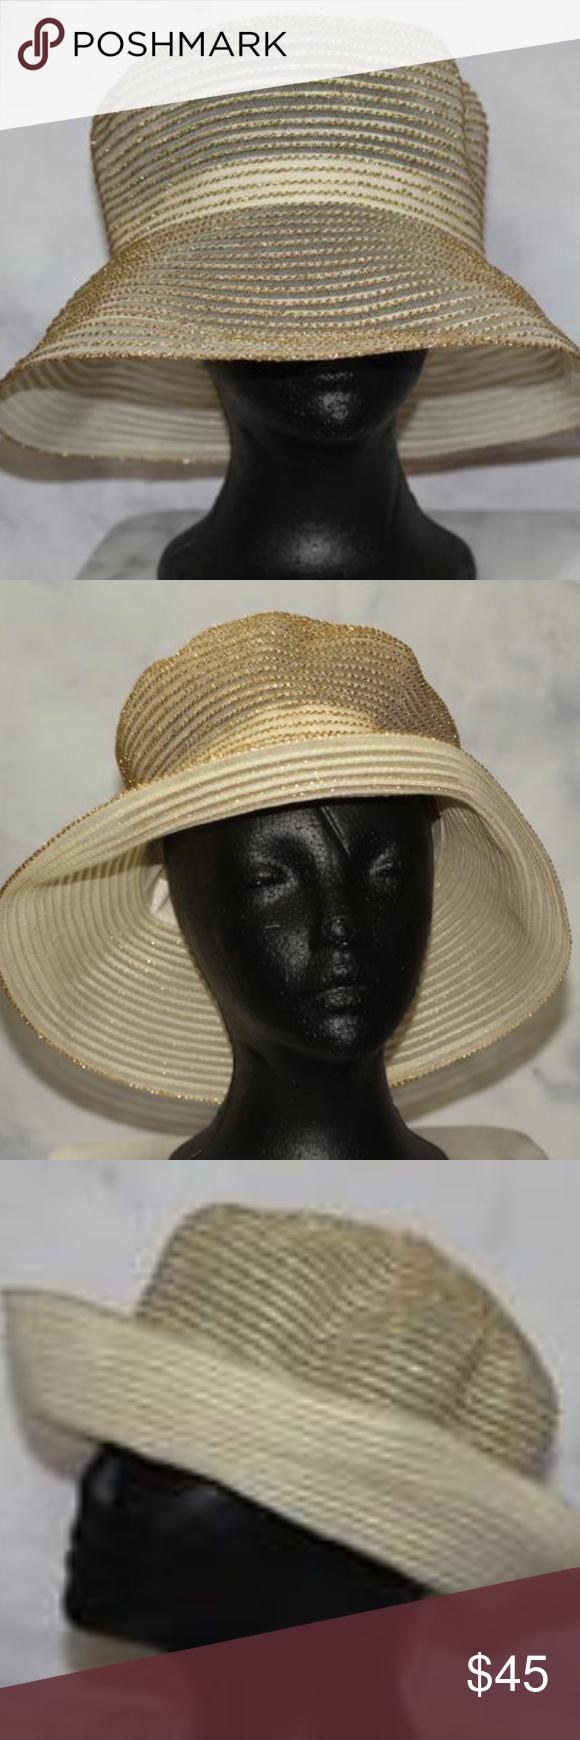 Gold Metallic Top Hat Metallic Top Top Hat Hats